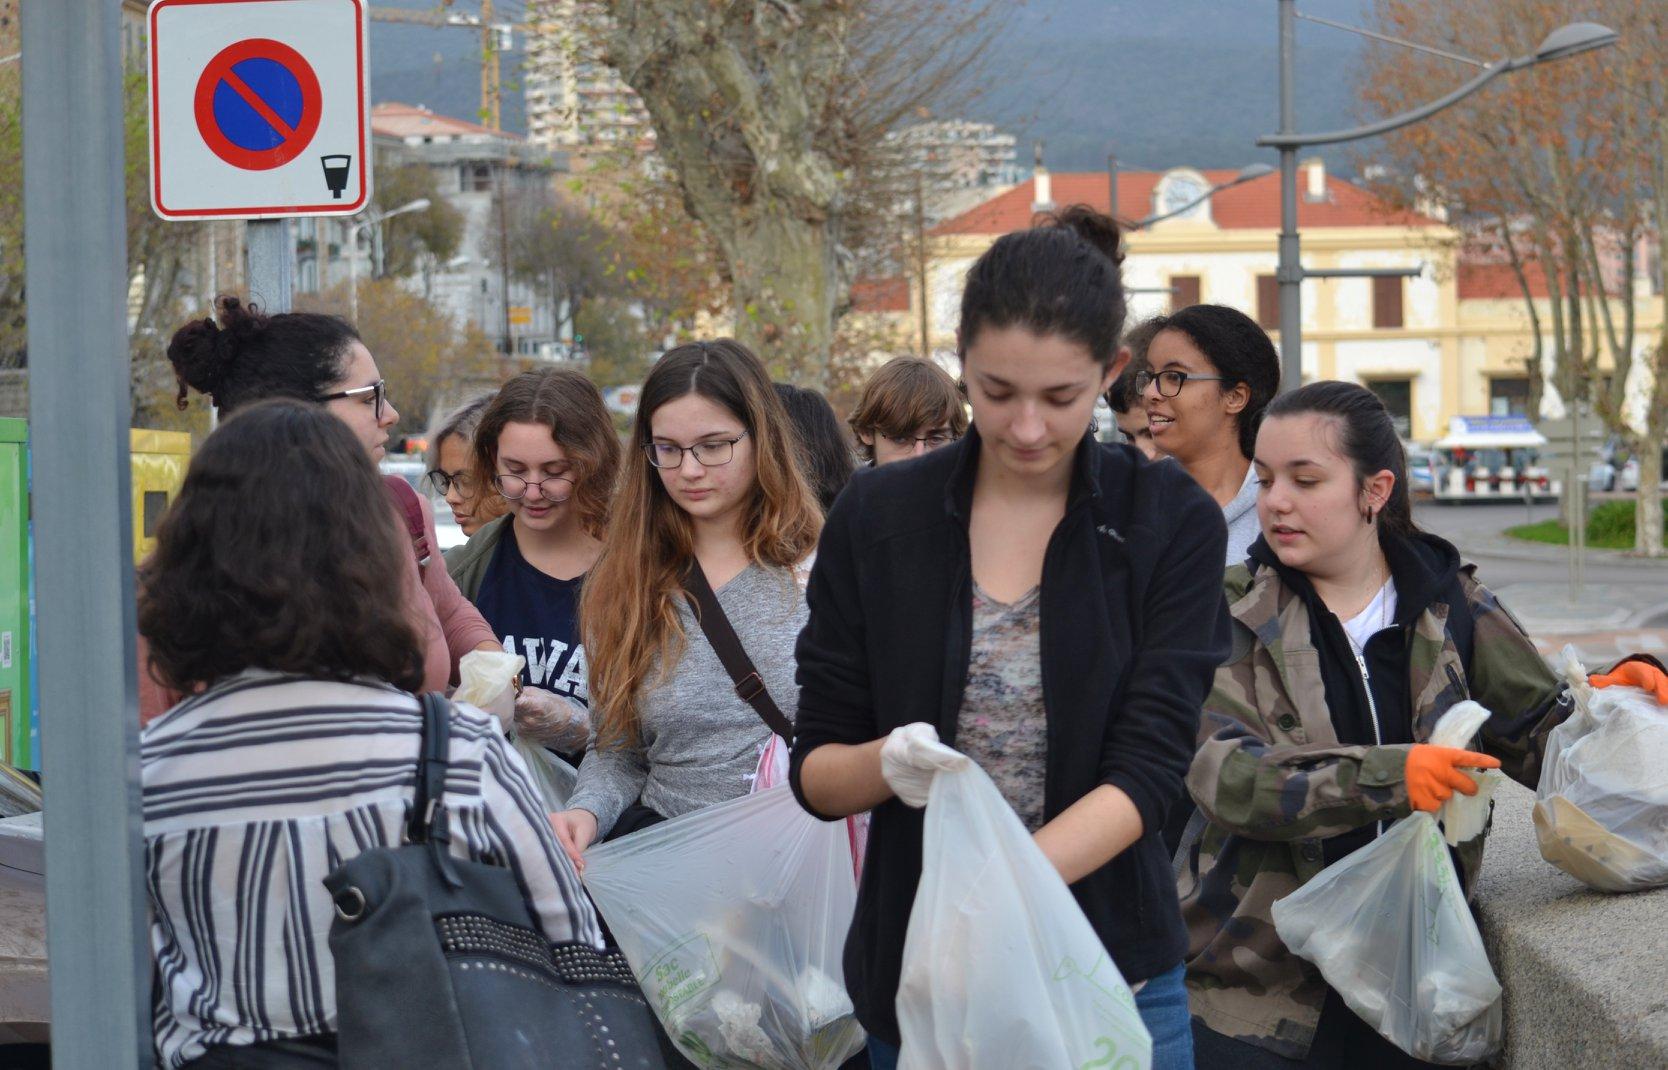 Clean Walk à Ajaccio : Un groupe de jeunes a nettoyé la rue Fesch et la vieille ville